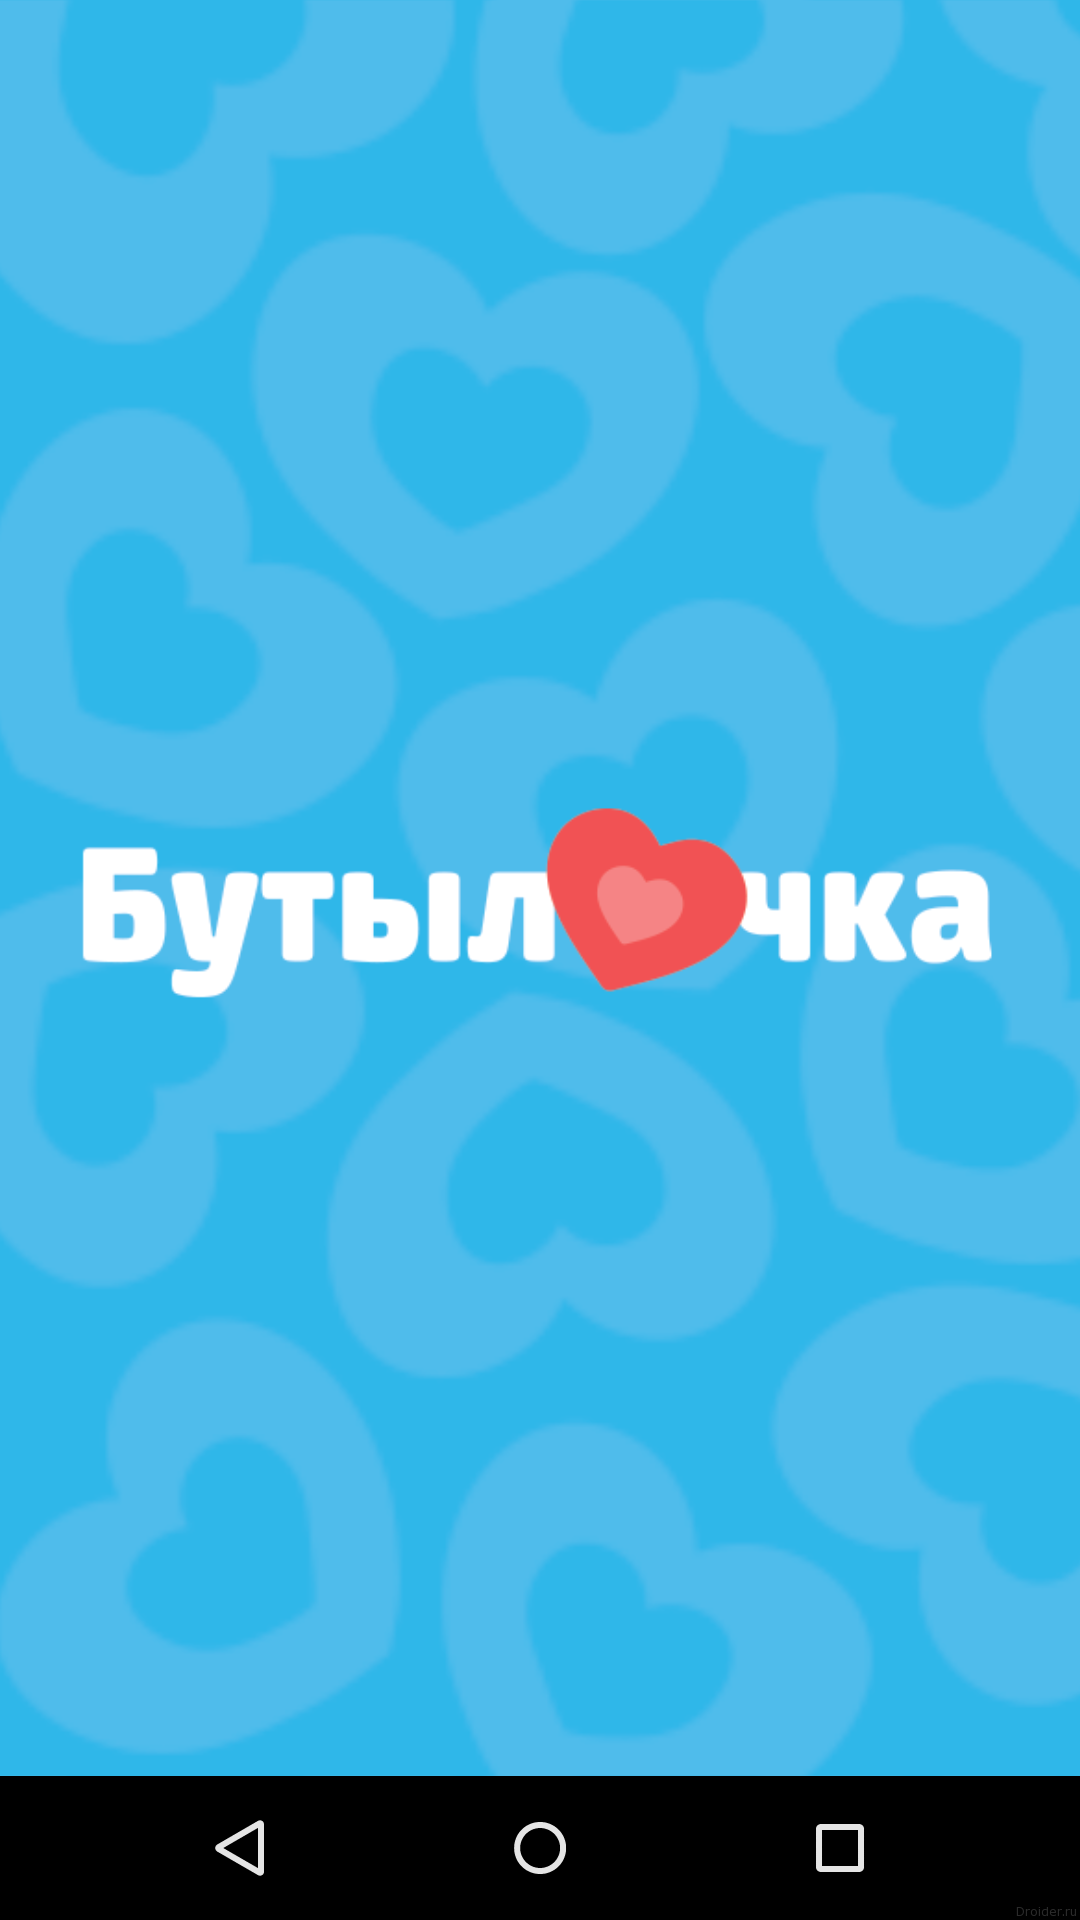 Бутылочка Любовь Флирт Знакомства Вк